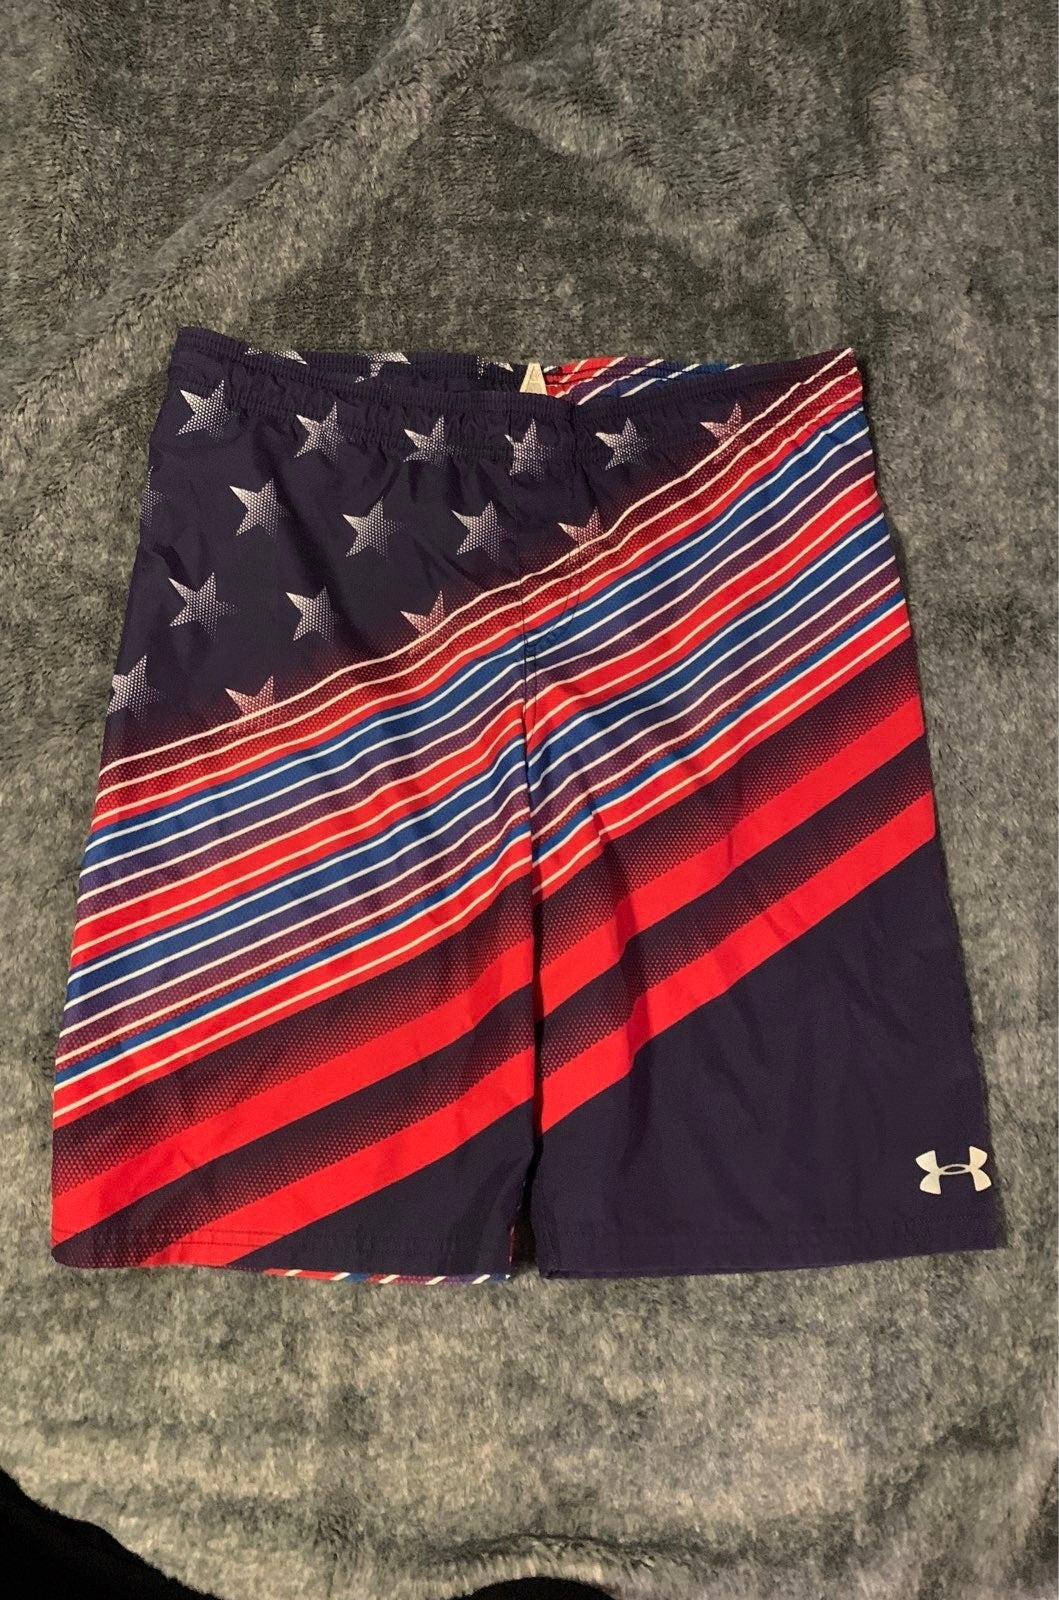 Boys Under Armour patriotic swim trunks